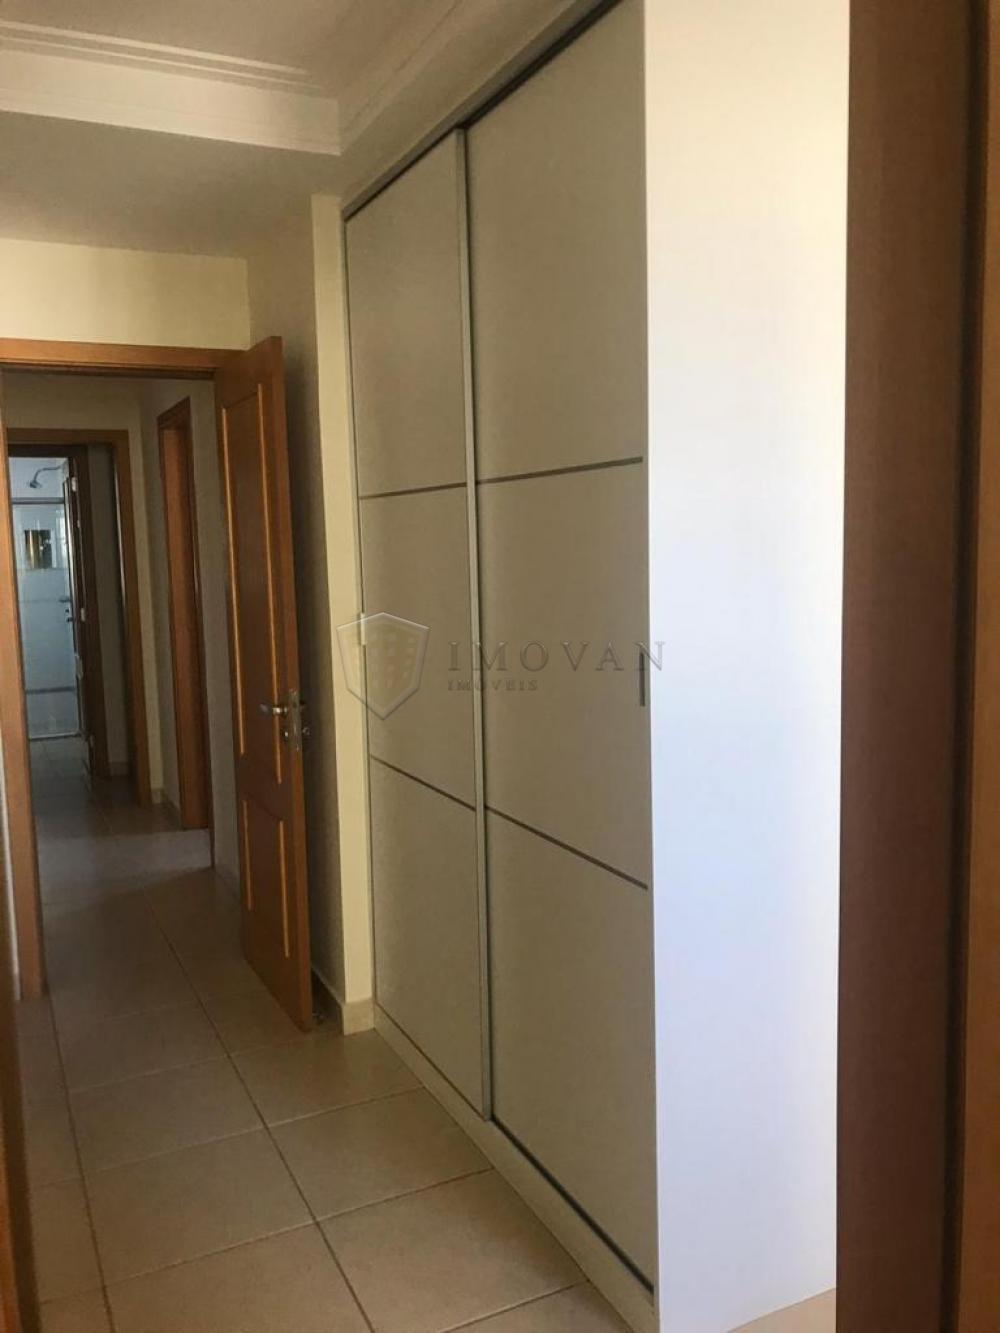 Comprar Apartamento / Padrão em Ribeirão Preto apenas R$ 790.000,00 - Foto 18